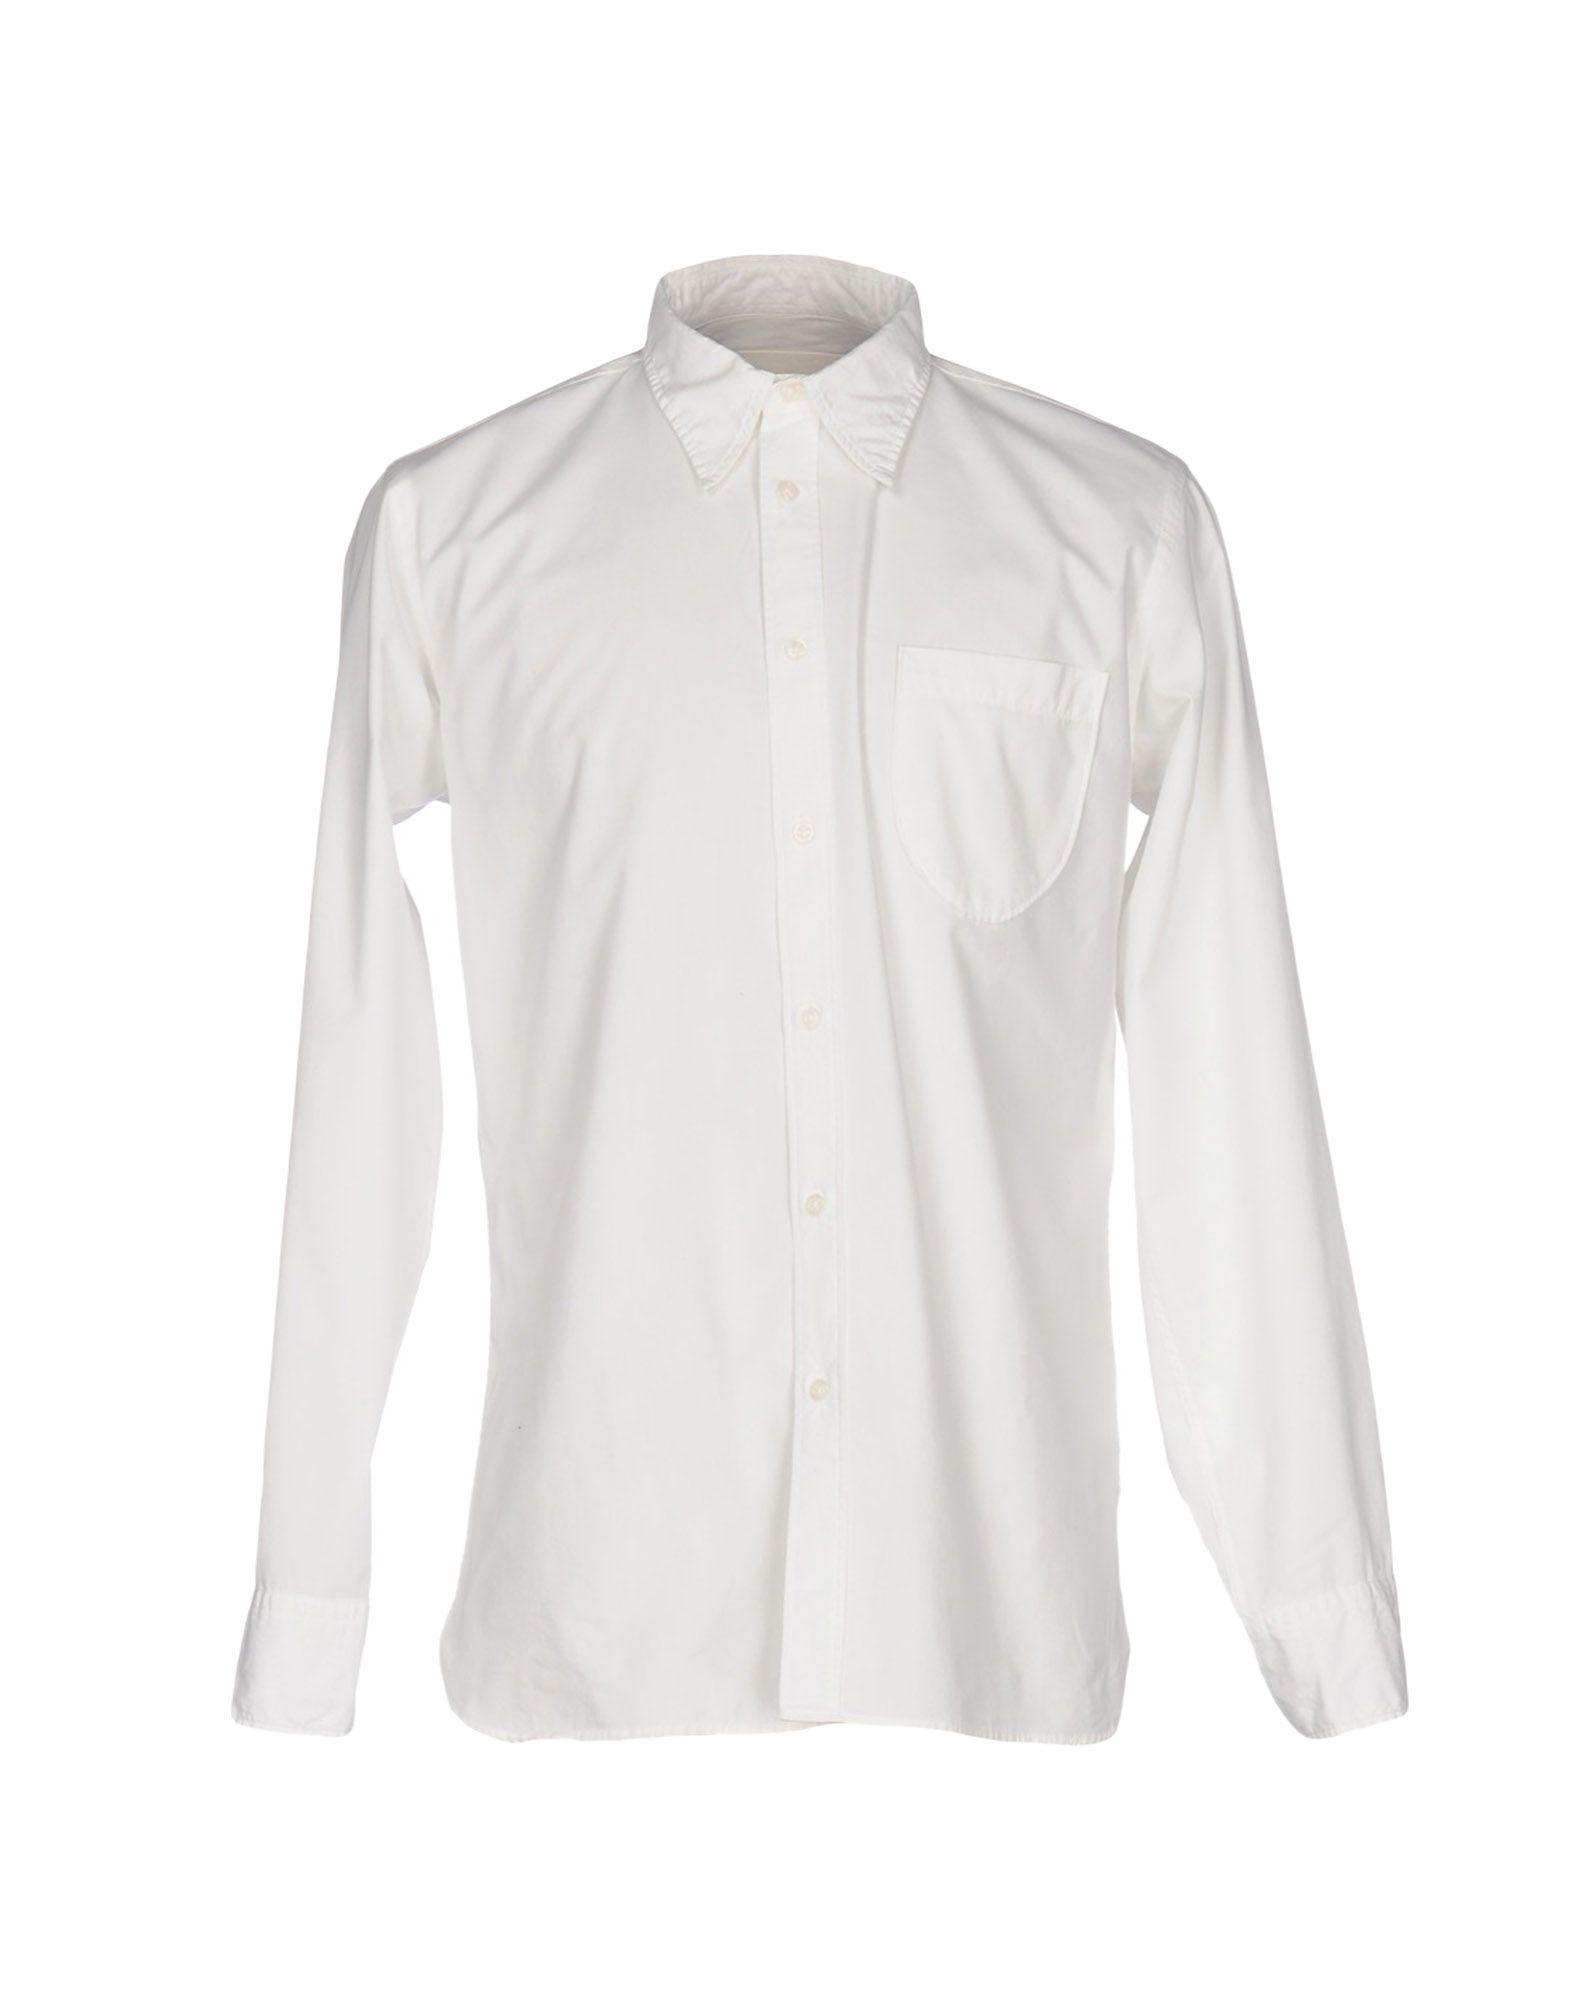 《送料無料》UNIVERSAL WORKS メンズ シャツ アイボリー S コットン 100%